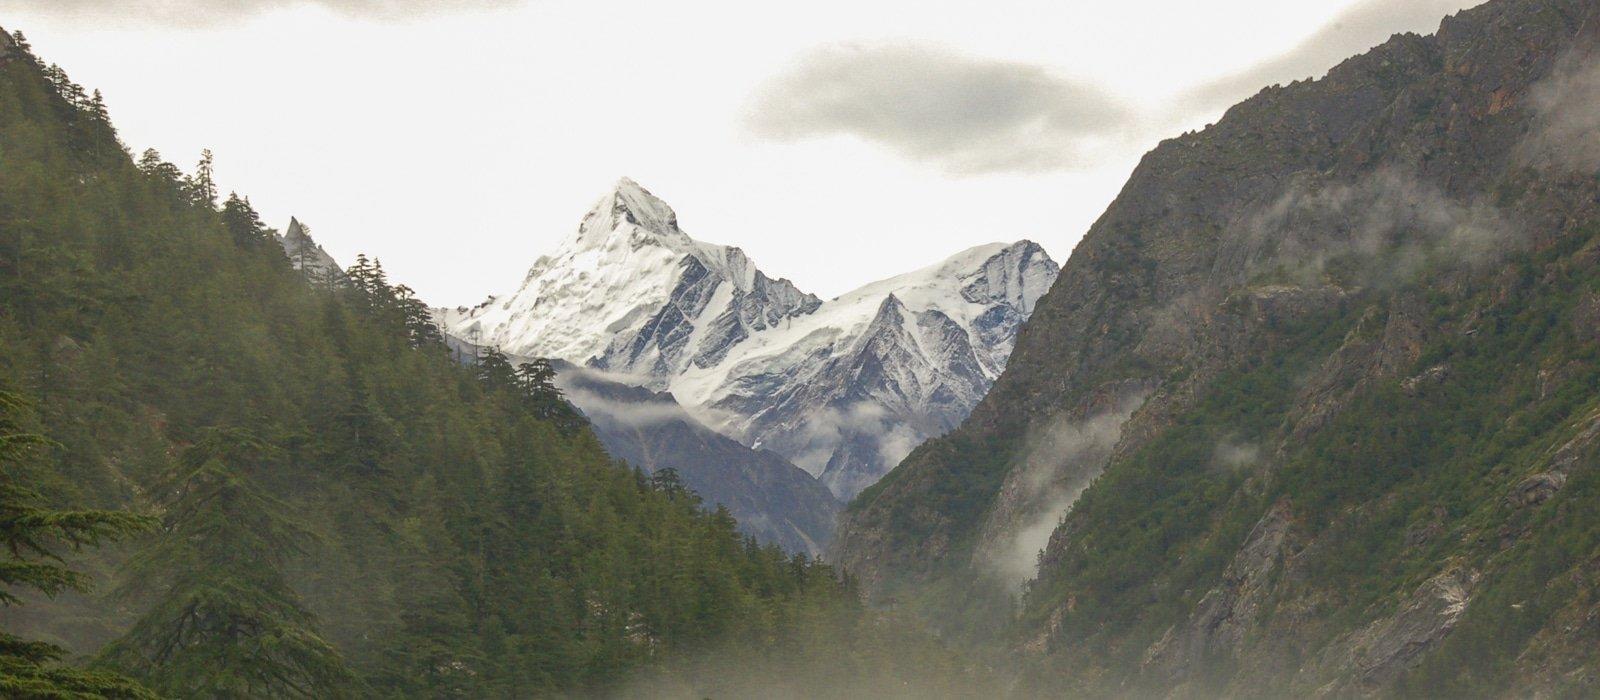 Voyage organisé sur mesure - Gangotri Garhwal - Inde du nord - Agence de voyage Les Routes du Monde